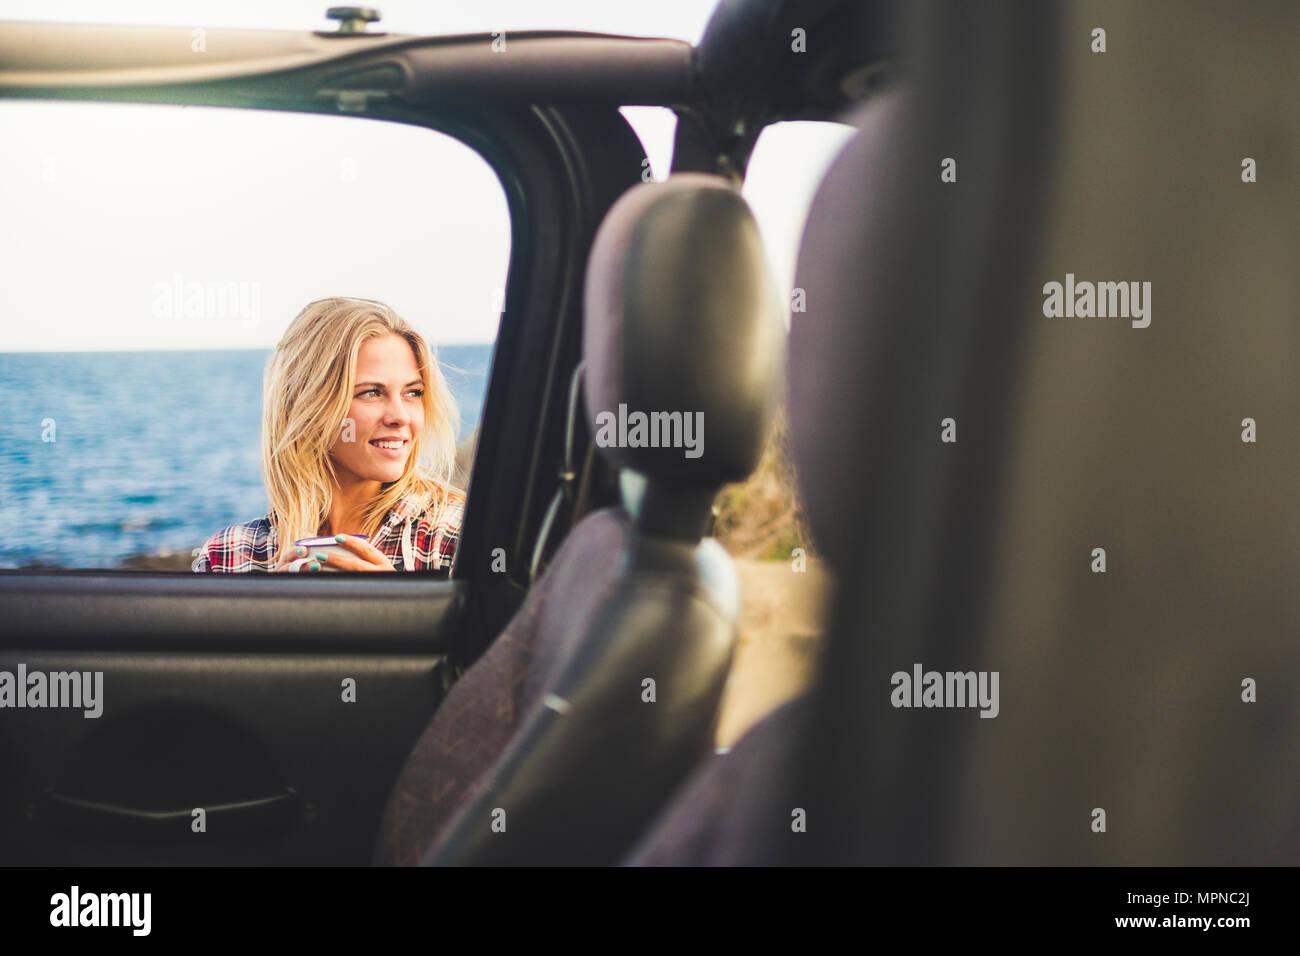 Traveler bionda capelli lunghi ragazza prendere una tazza di bevanda calda tè o caffè al di fuori di un open off road auto. Sfondo oceano e bel sorriso. Indipendent trav Immagini Stock